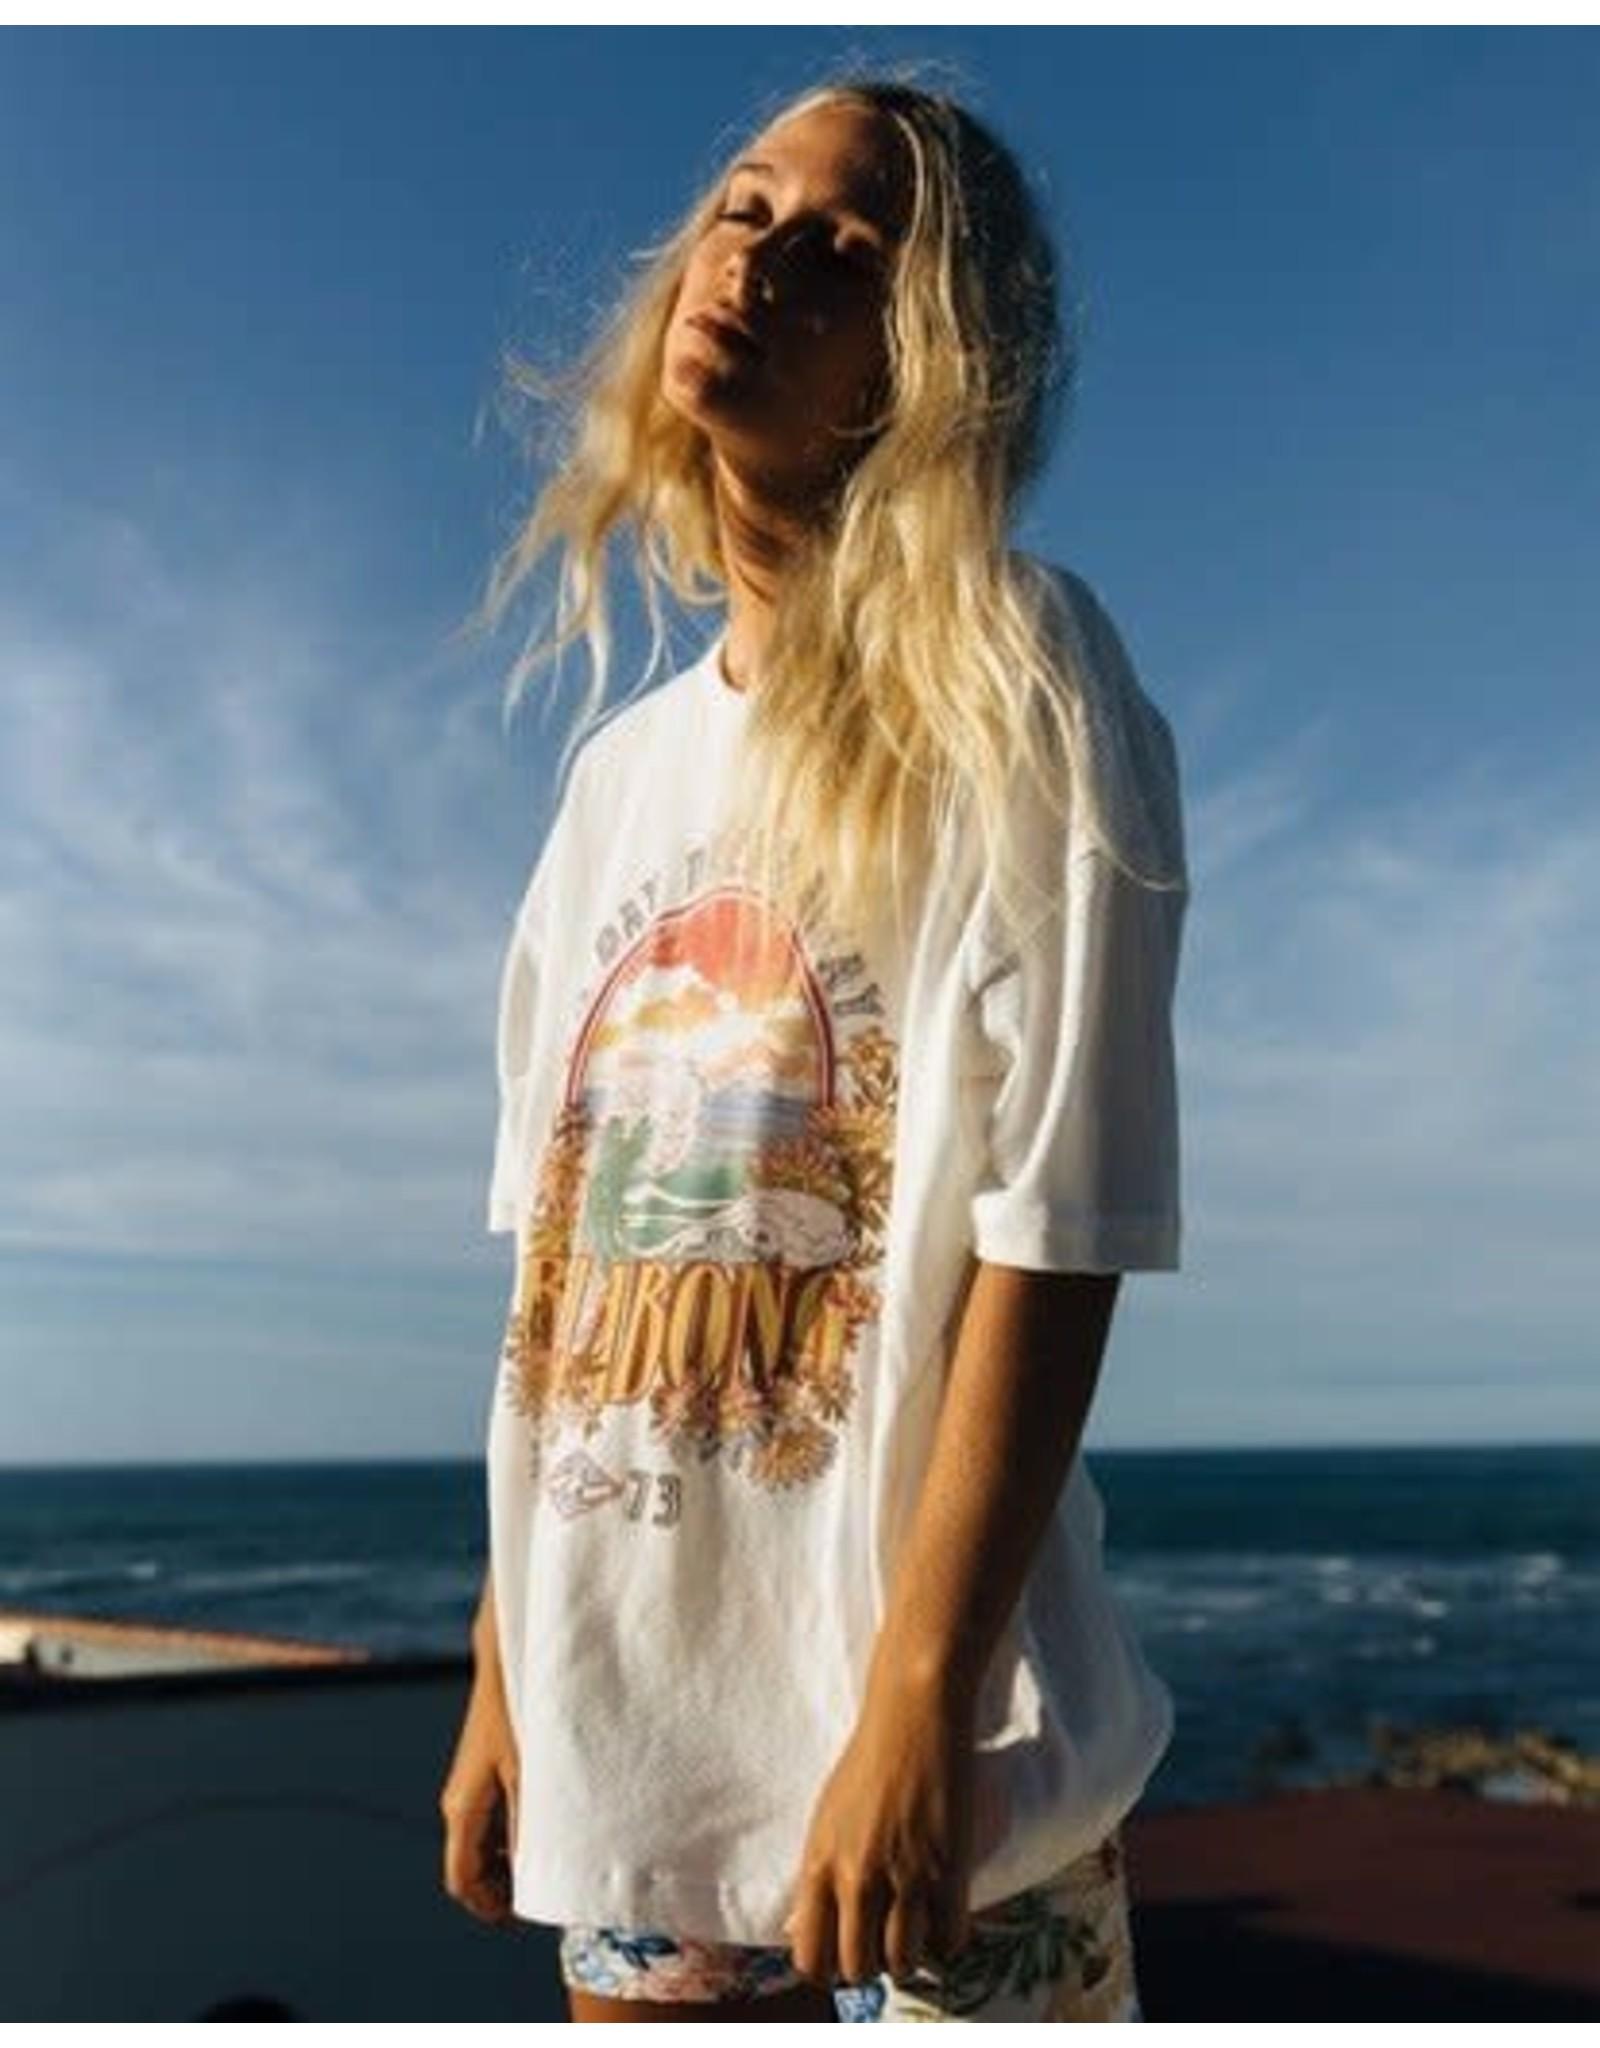 billabong Billabong - T-shirt femme day dream away salt crystal